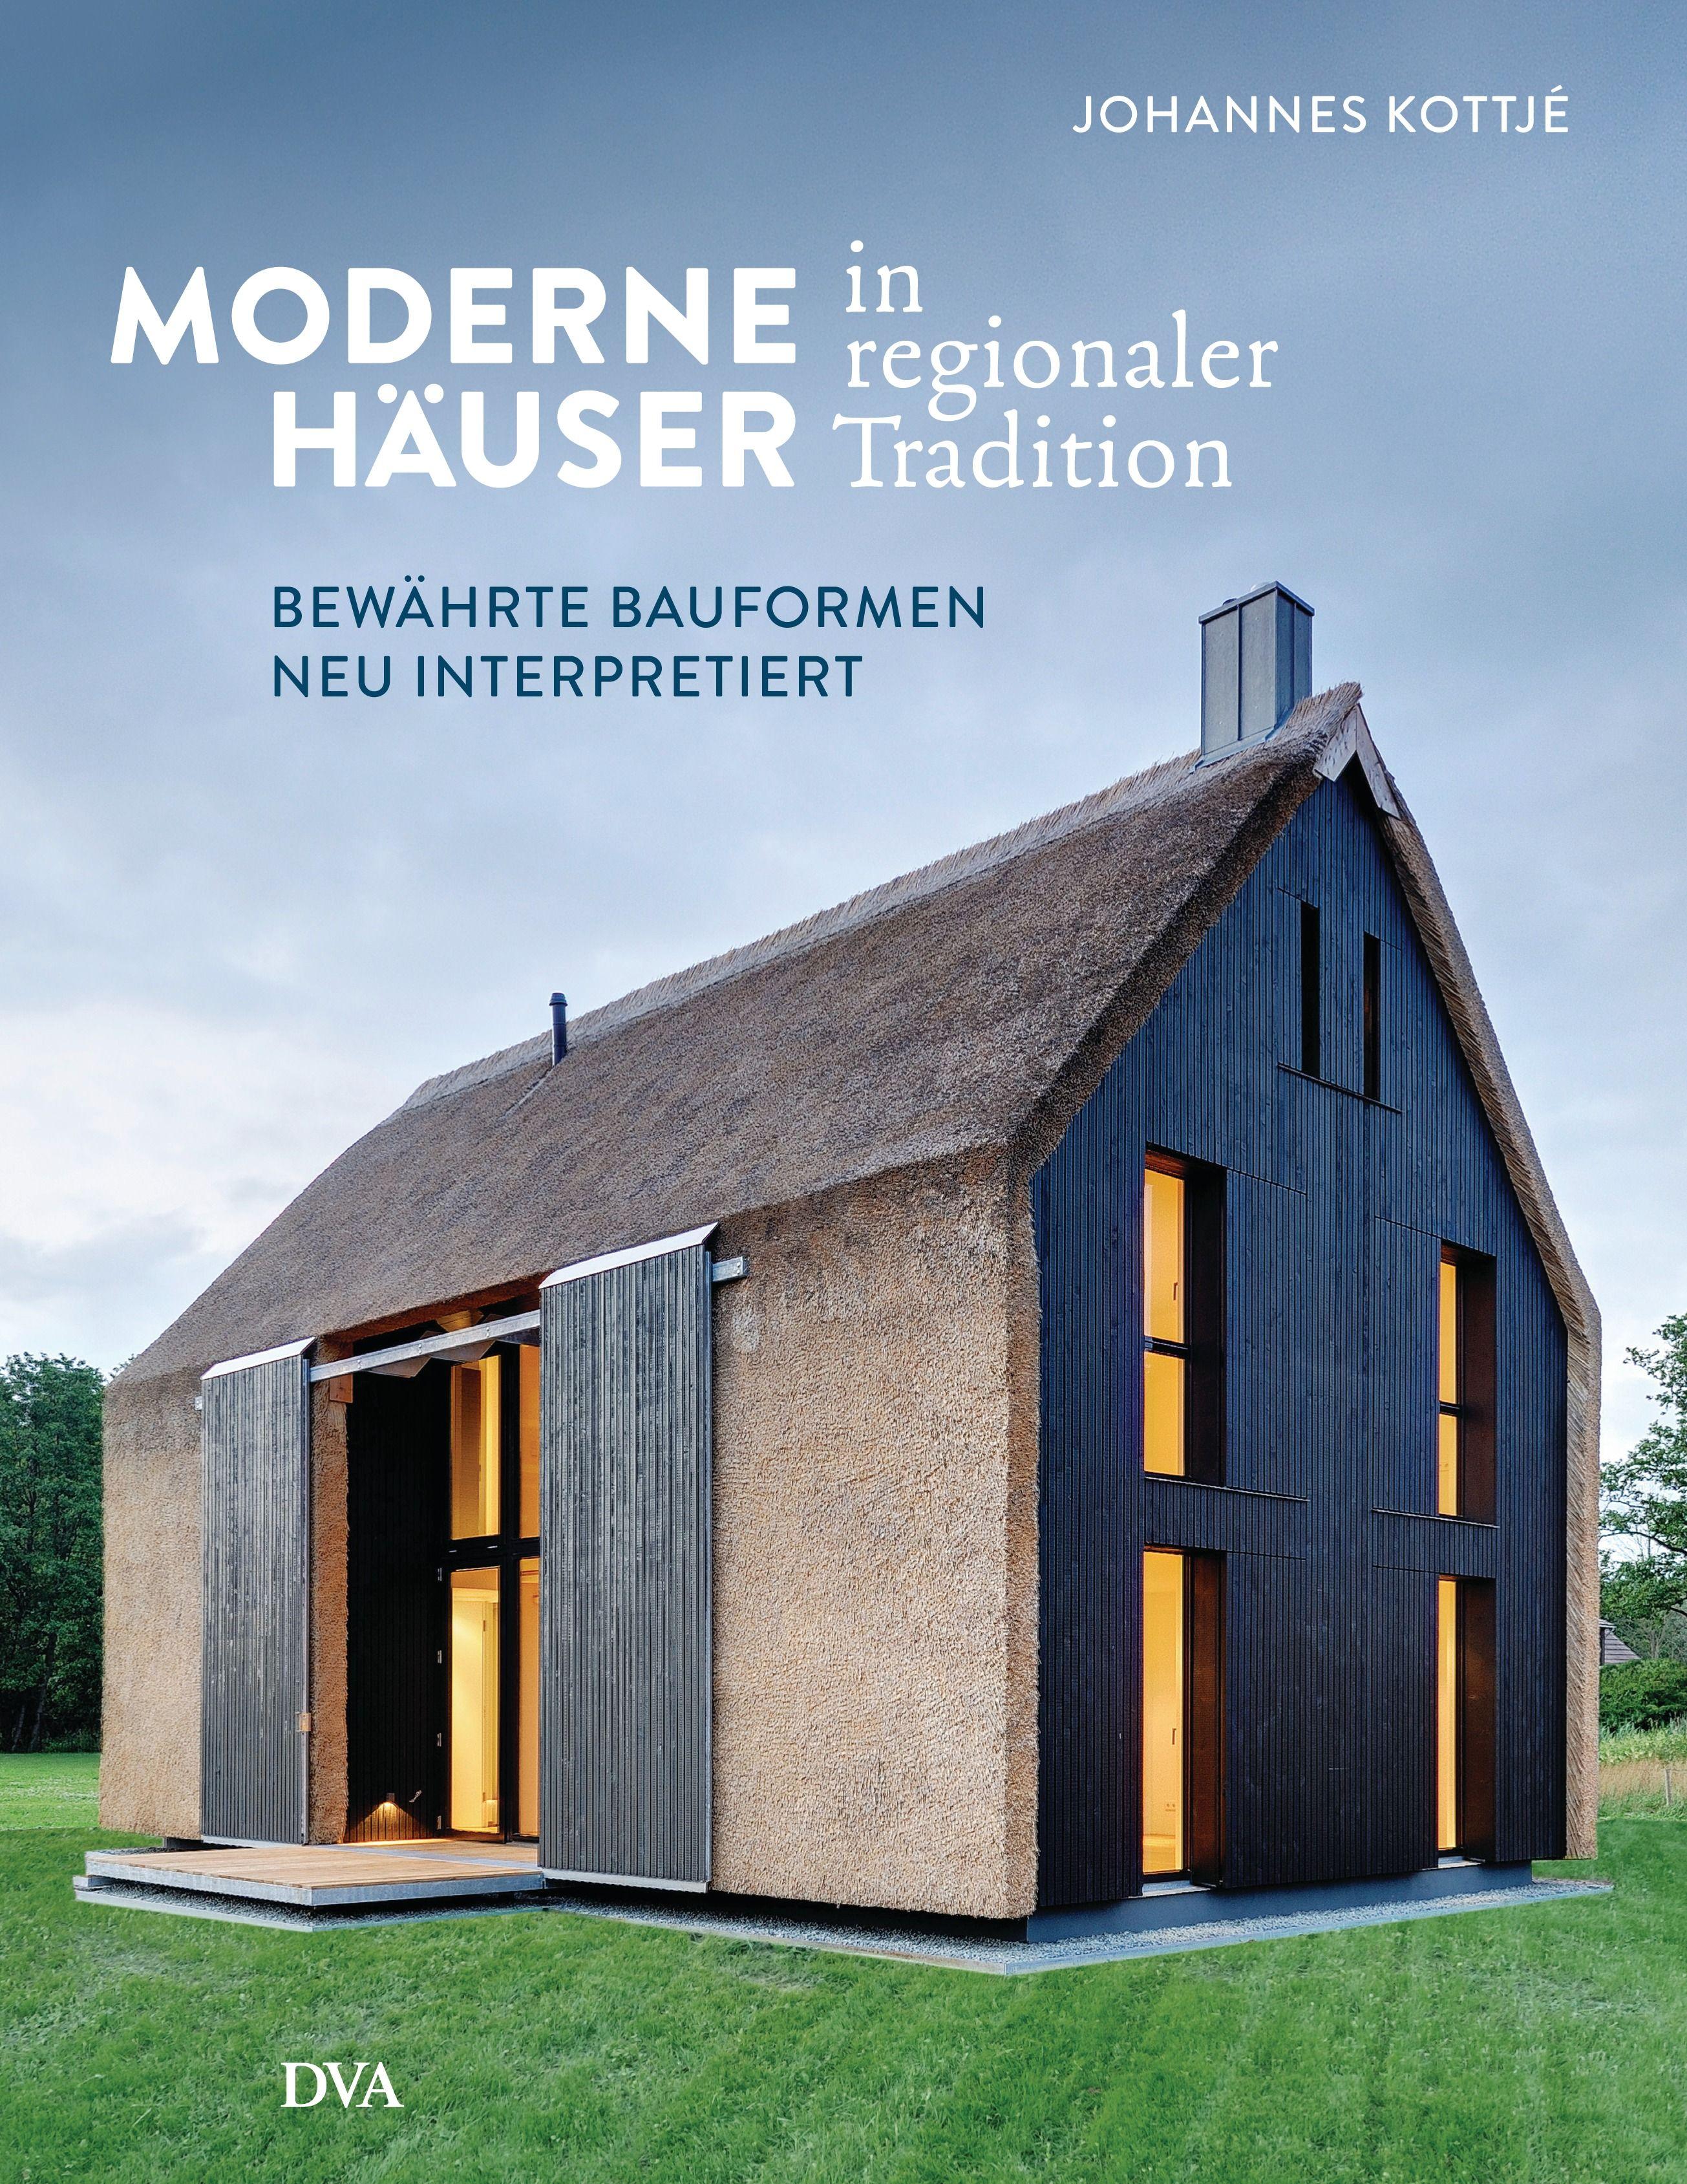 Moderne Häuser in regionaler Tradition von Kottjé, Johannes: Bewähr